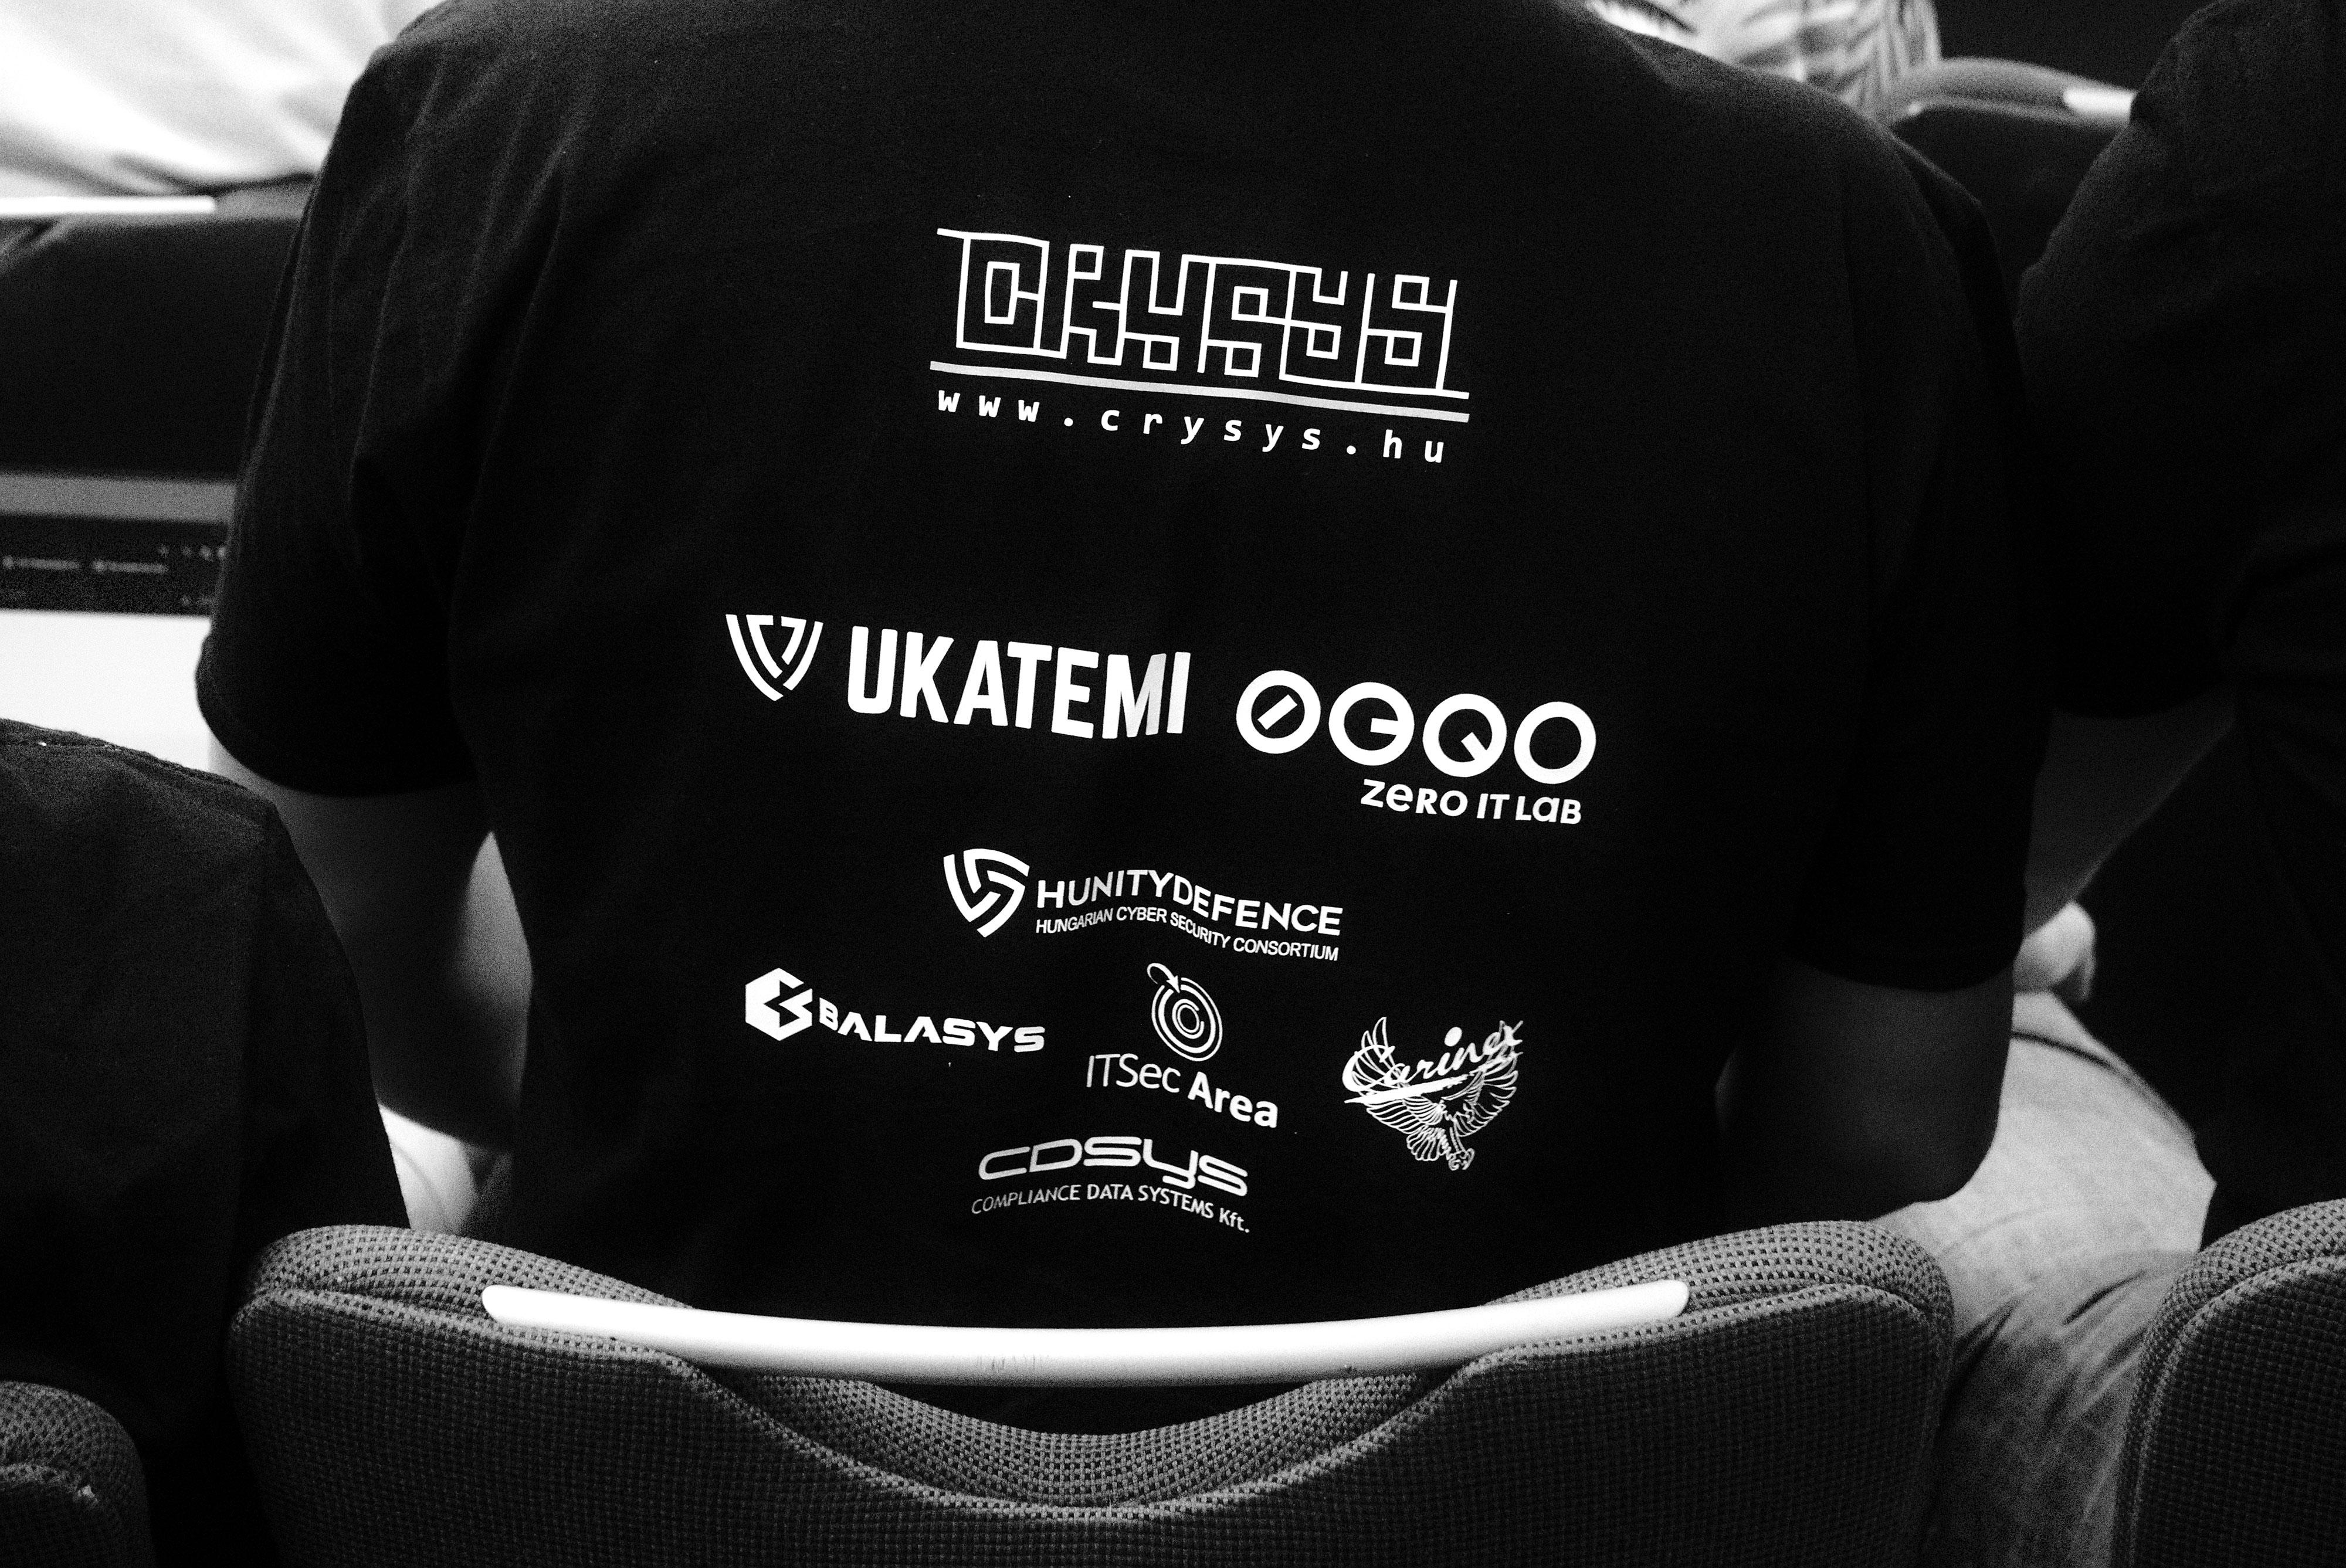 c0r3dump team sponsors